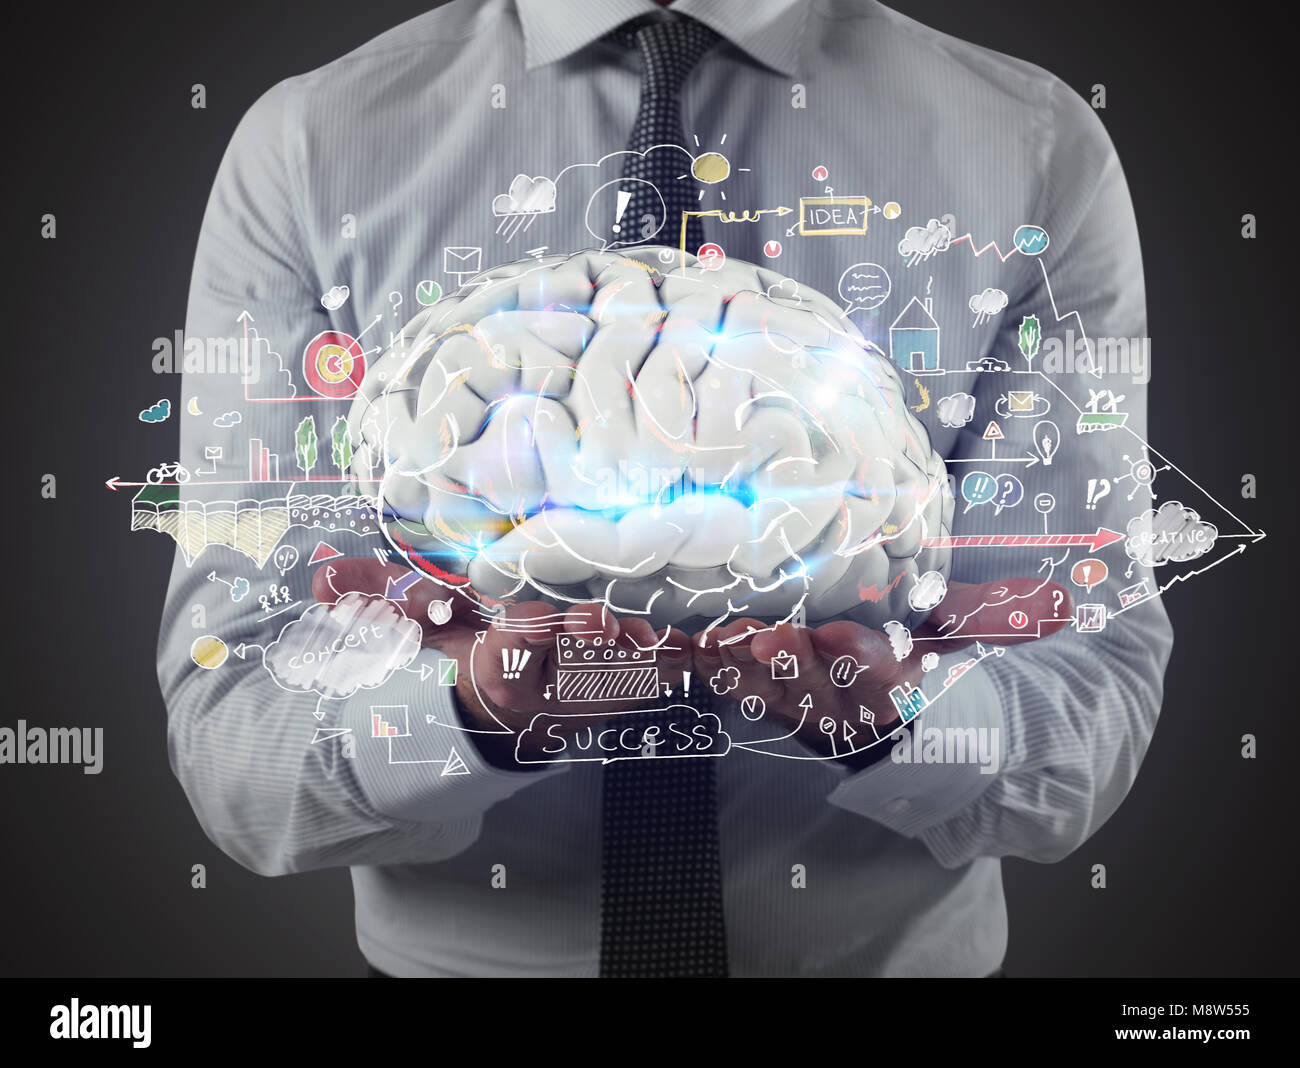 El hombre tiene un cerebro con negocios bocetos de dibujo en sus manos. 3D Rendering Imagen De Stock